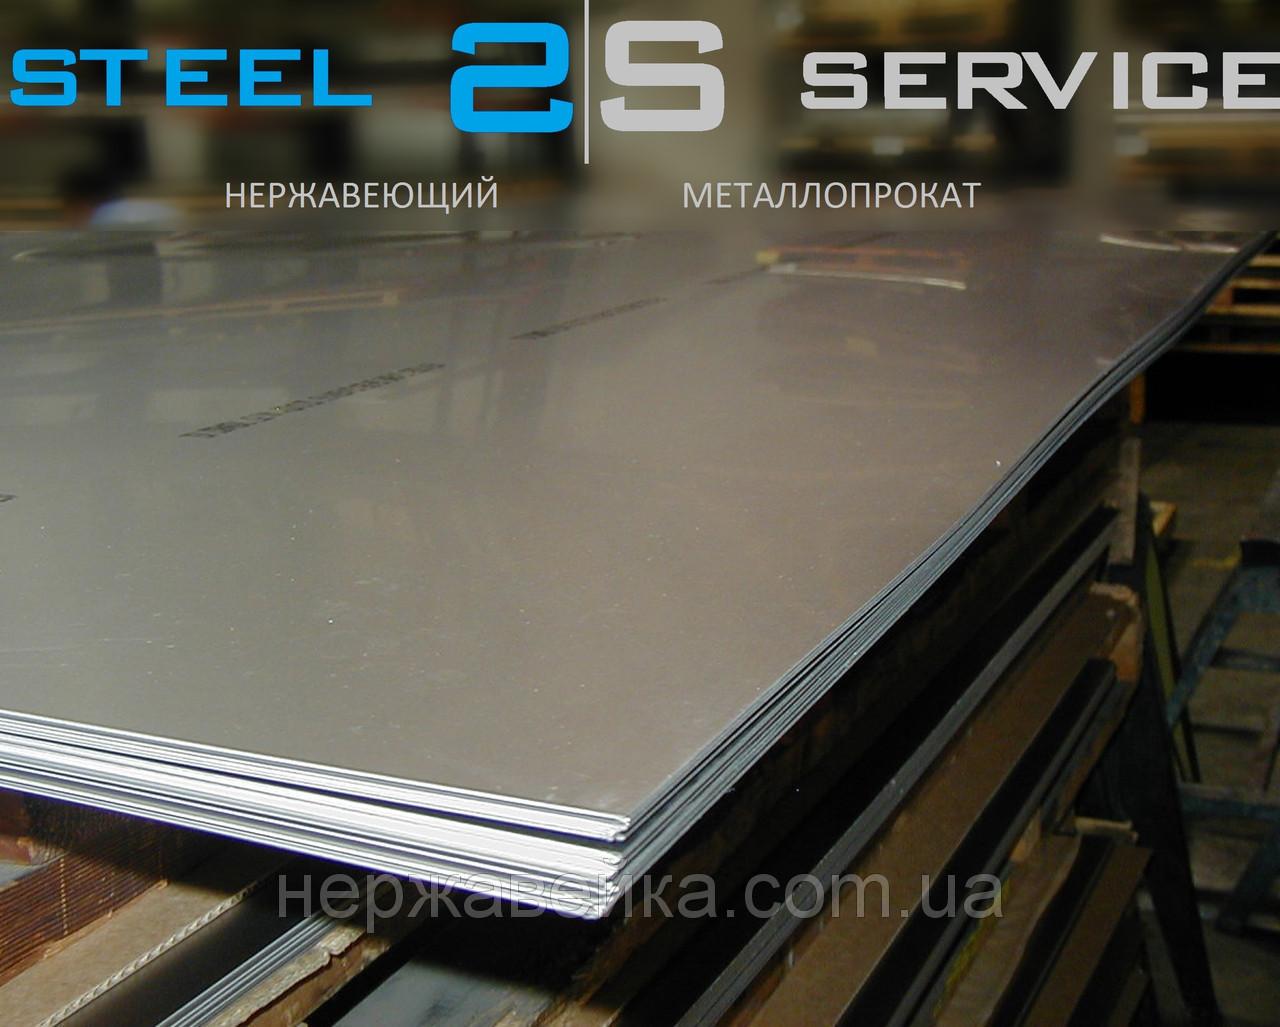 Нержавеющий лист 20х1000х2000мм AISI 321(08Х18Н10Т) F1 - горячекатанный,  пищевой